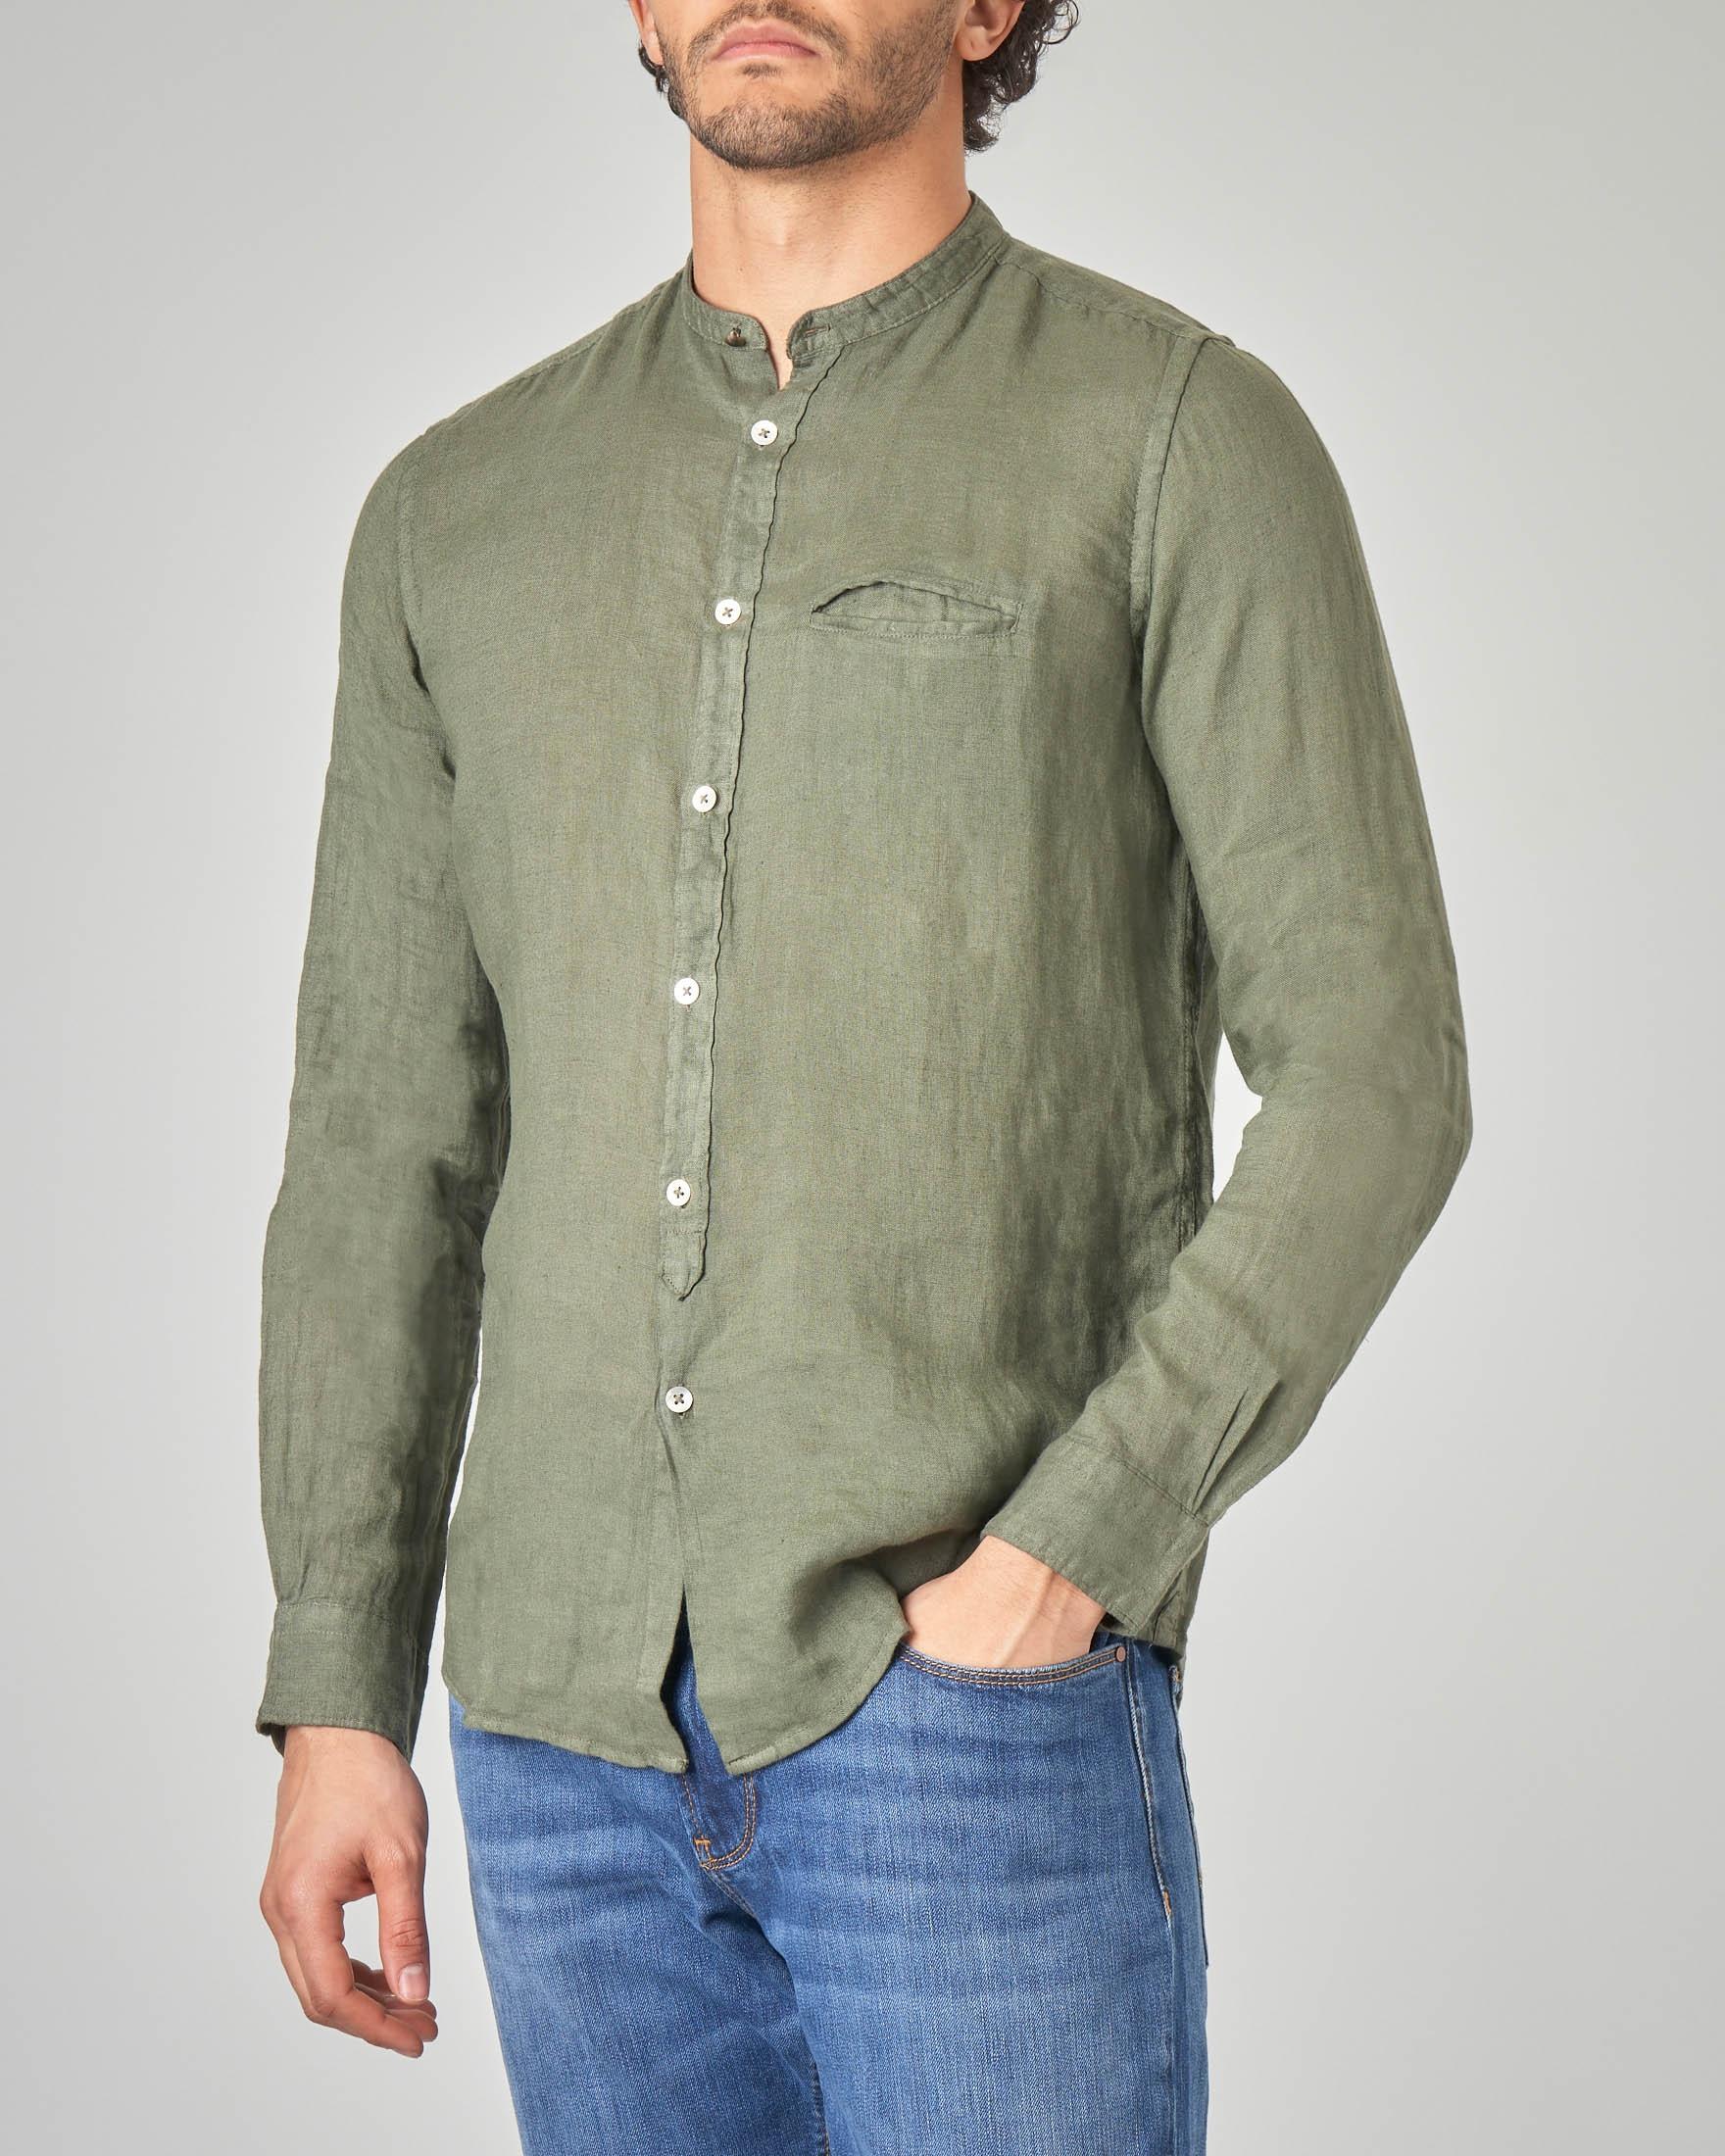 online store d1d58 994ef Camicia verde militare in lino a coreana con taschino